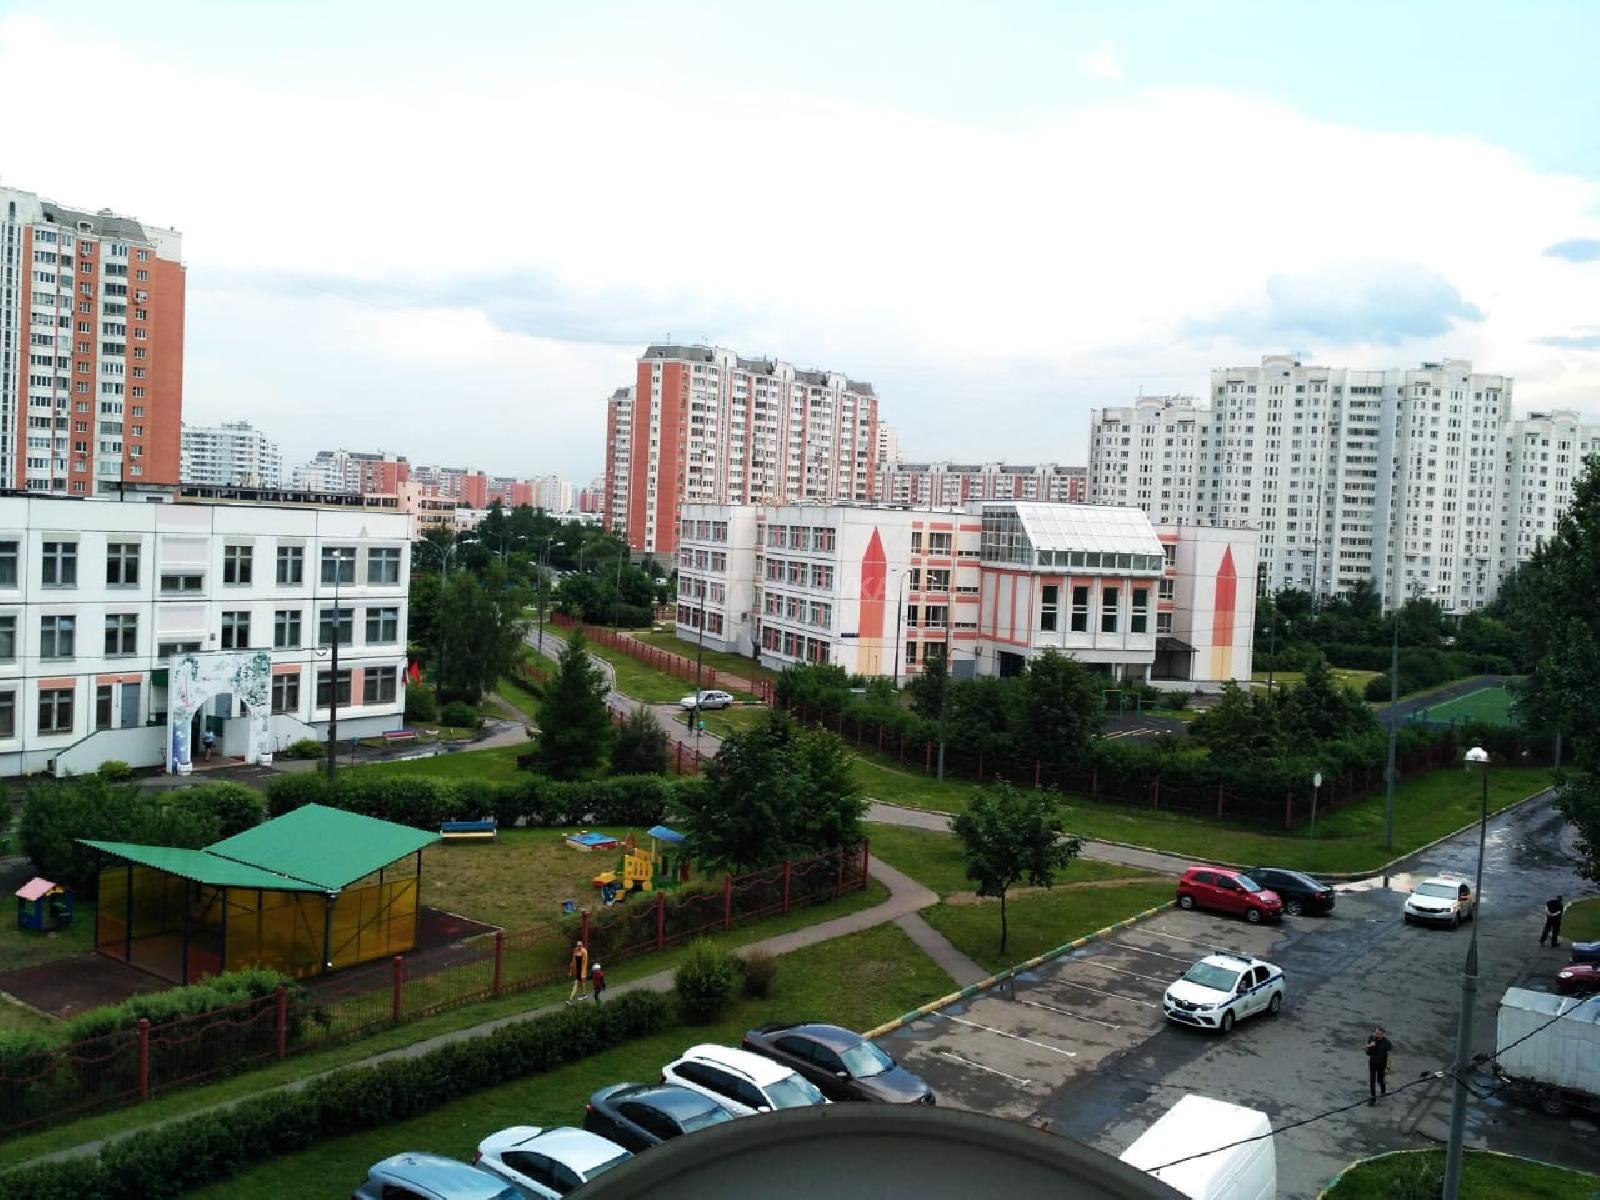 Фото №5 - 2-комнатная квартира, Москва, Краснодарская улица 72 корпус 3, метро Люблино